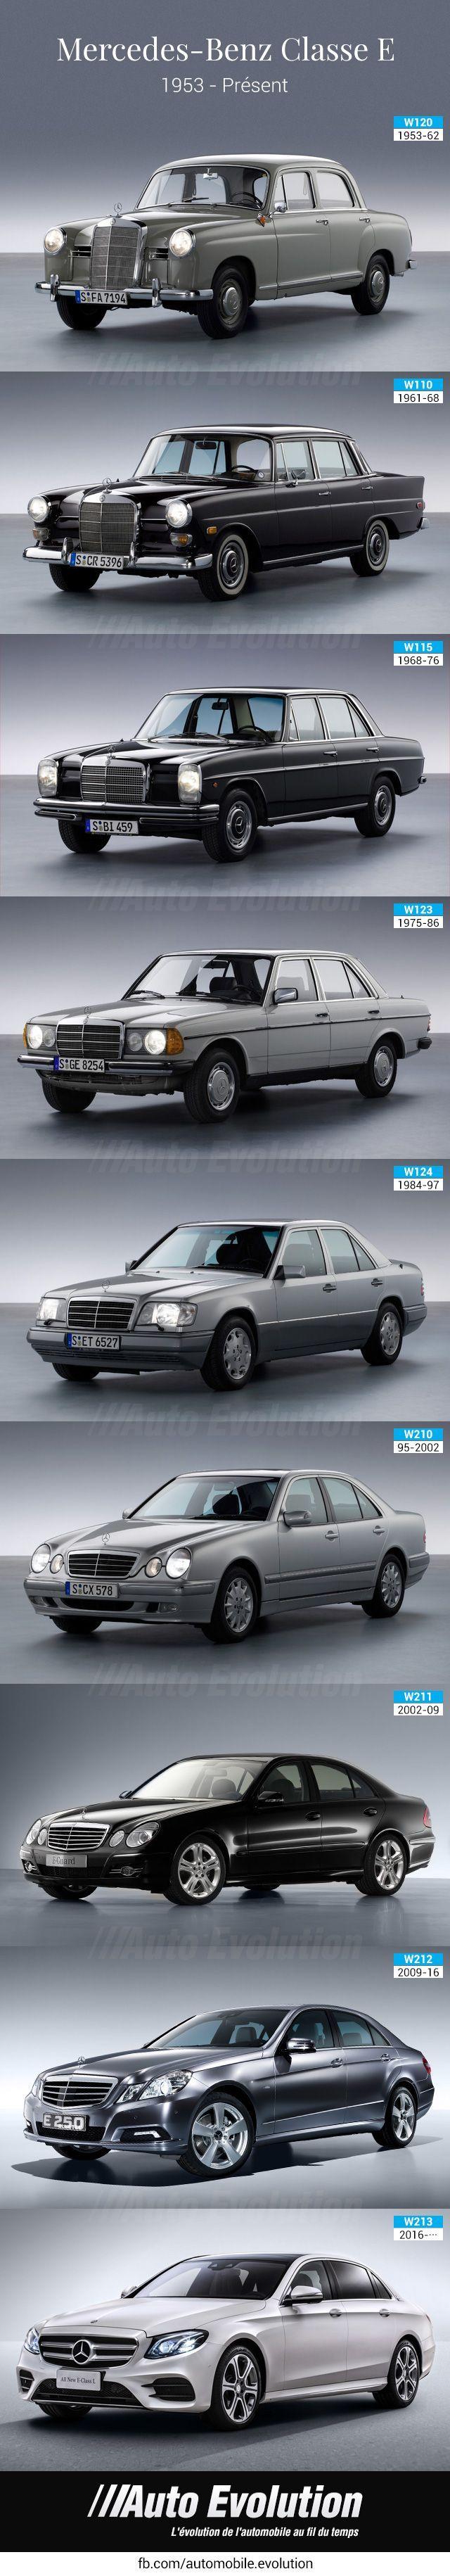 Mercedes benz E class history evolution Histoire de la mercedes